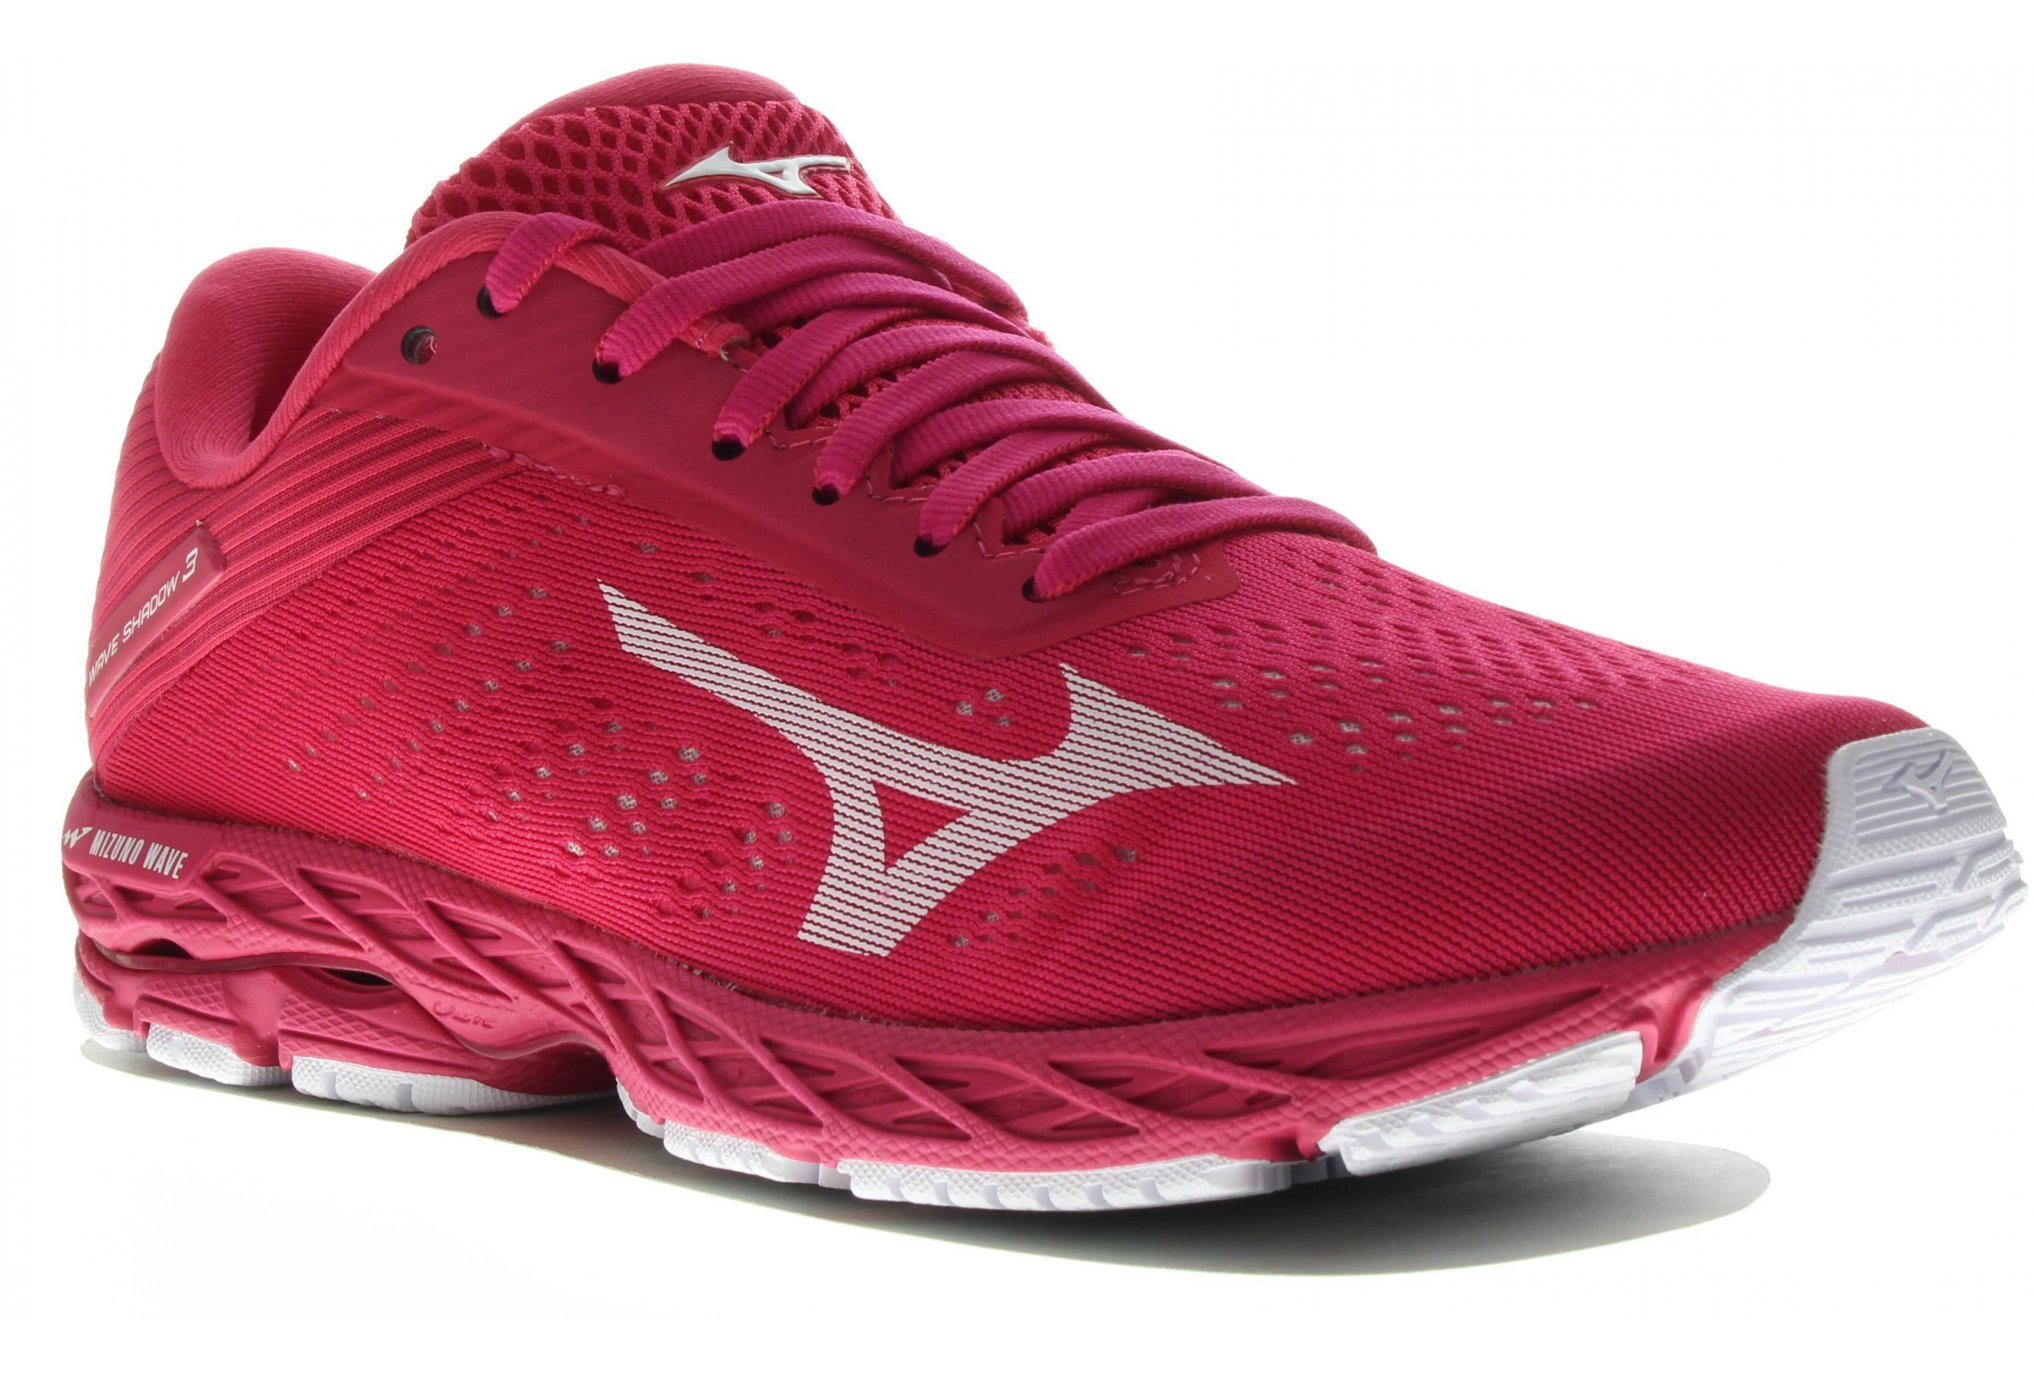 Mizuno Wave Shadow 3 W Chaussures running femme